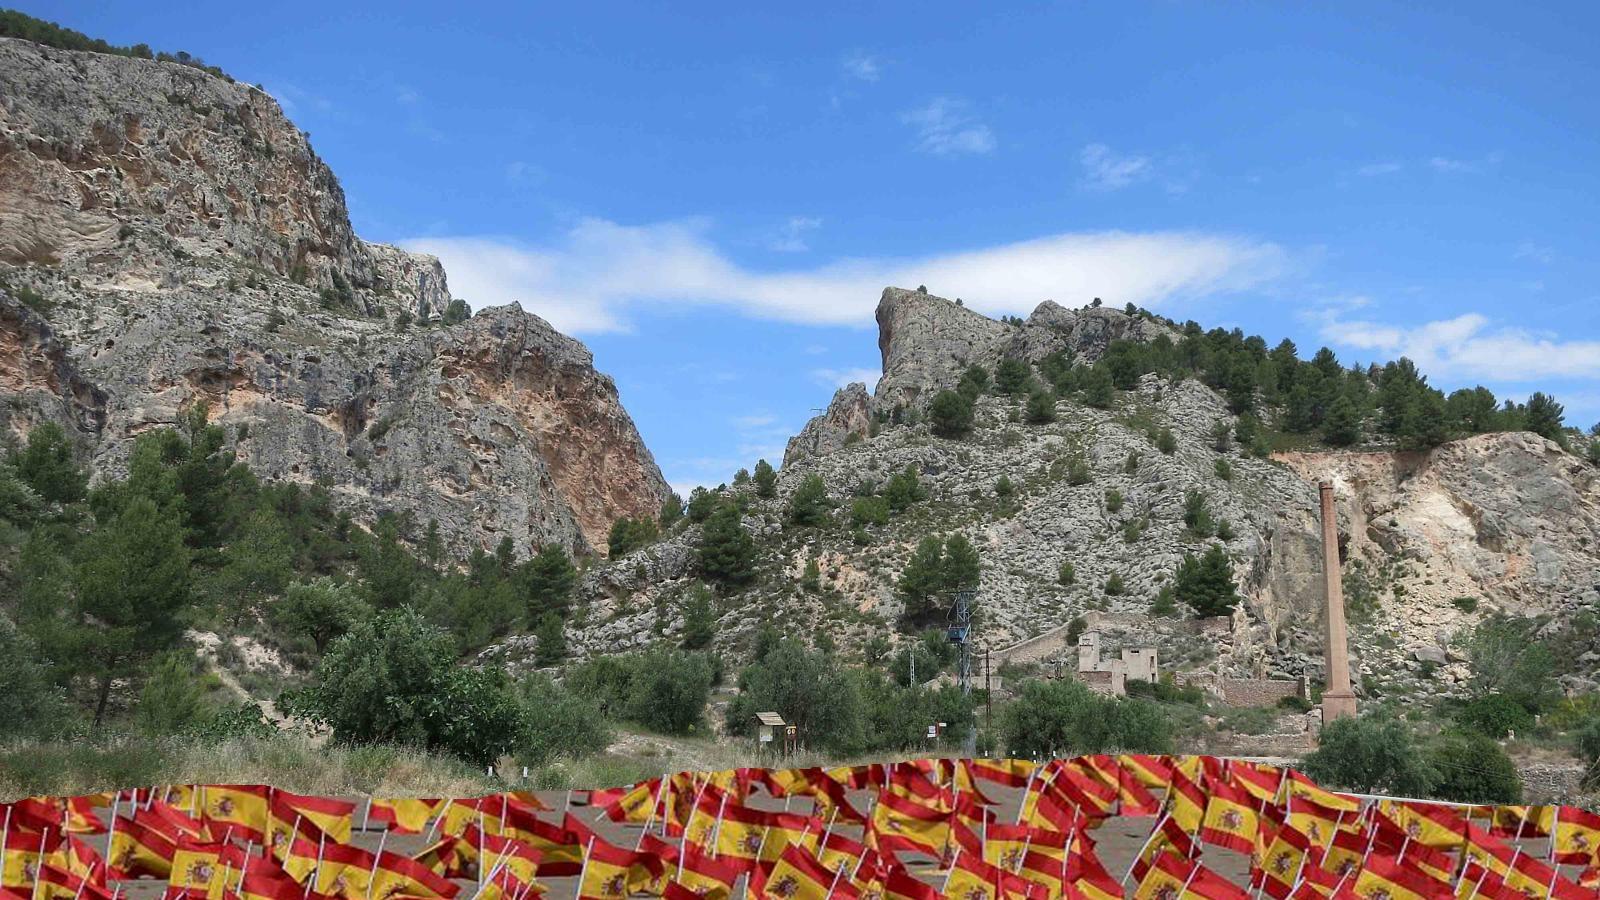 El Ayuntamiento instala miles de banderas en la entrada del Barranc del Cint para averiguar por donde entra el airuset